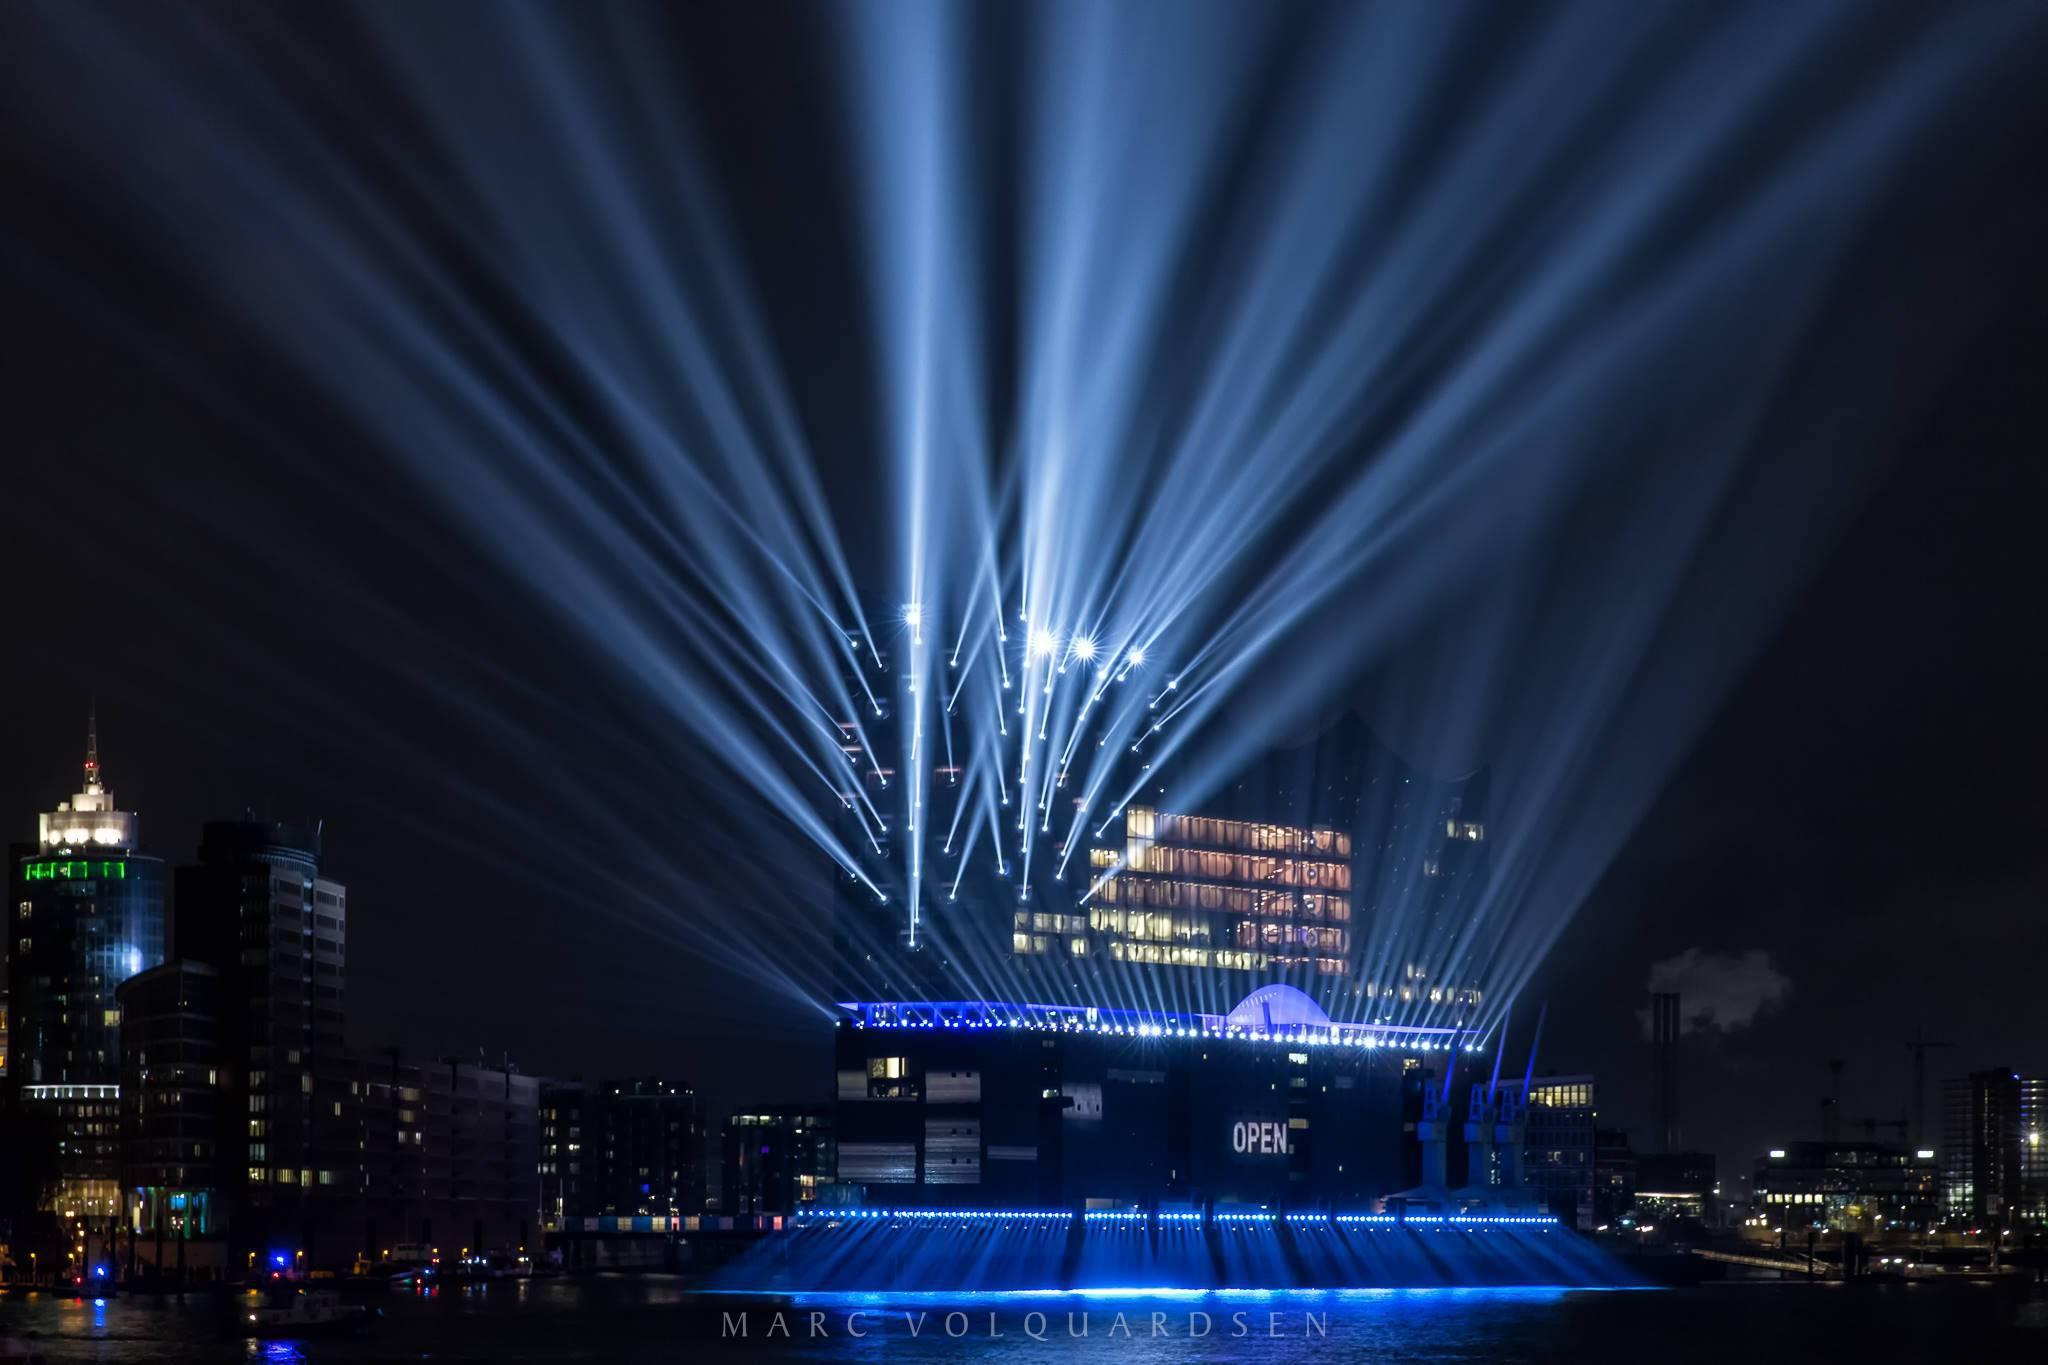 Elbphilharmonie Eröffnung Programm